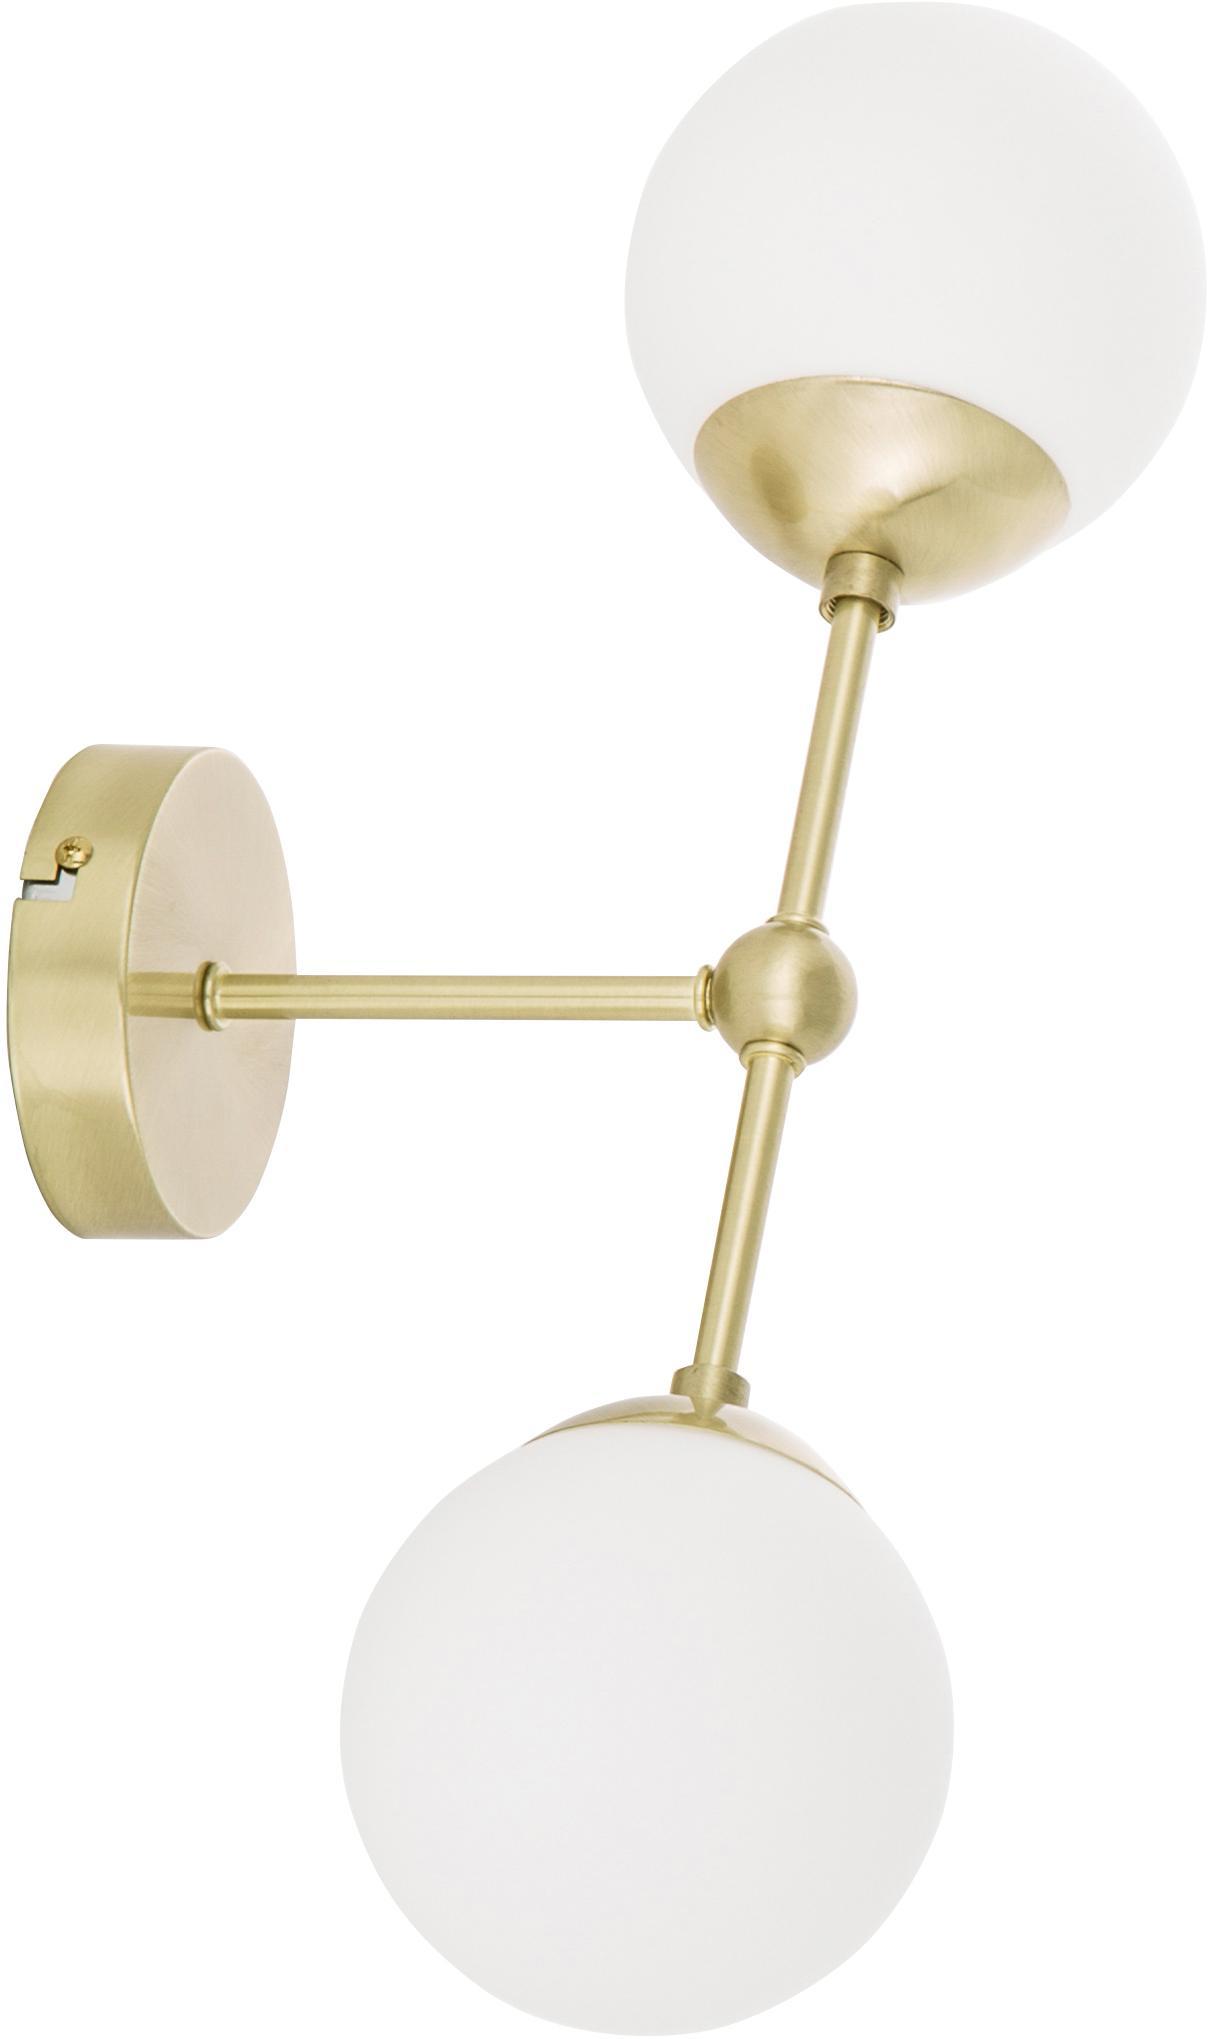 Wandleuchte Beth aus Opalglas, Lampenschirm: Glas, Weiß, Messing, Ø 12 x H 45 cm